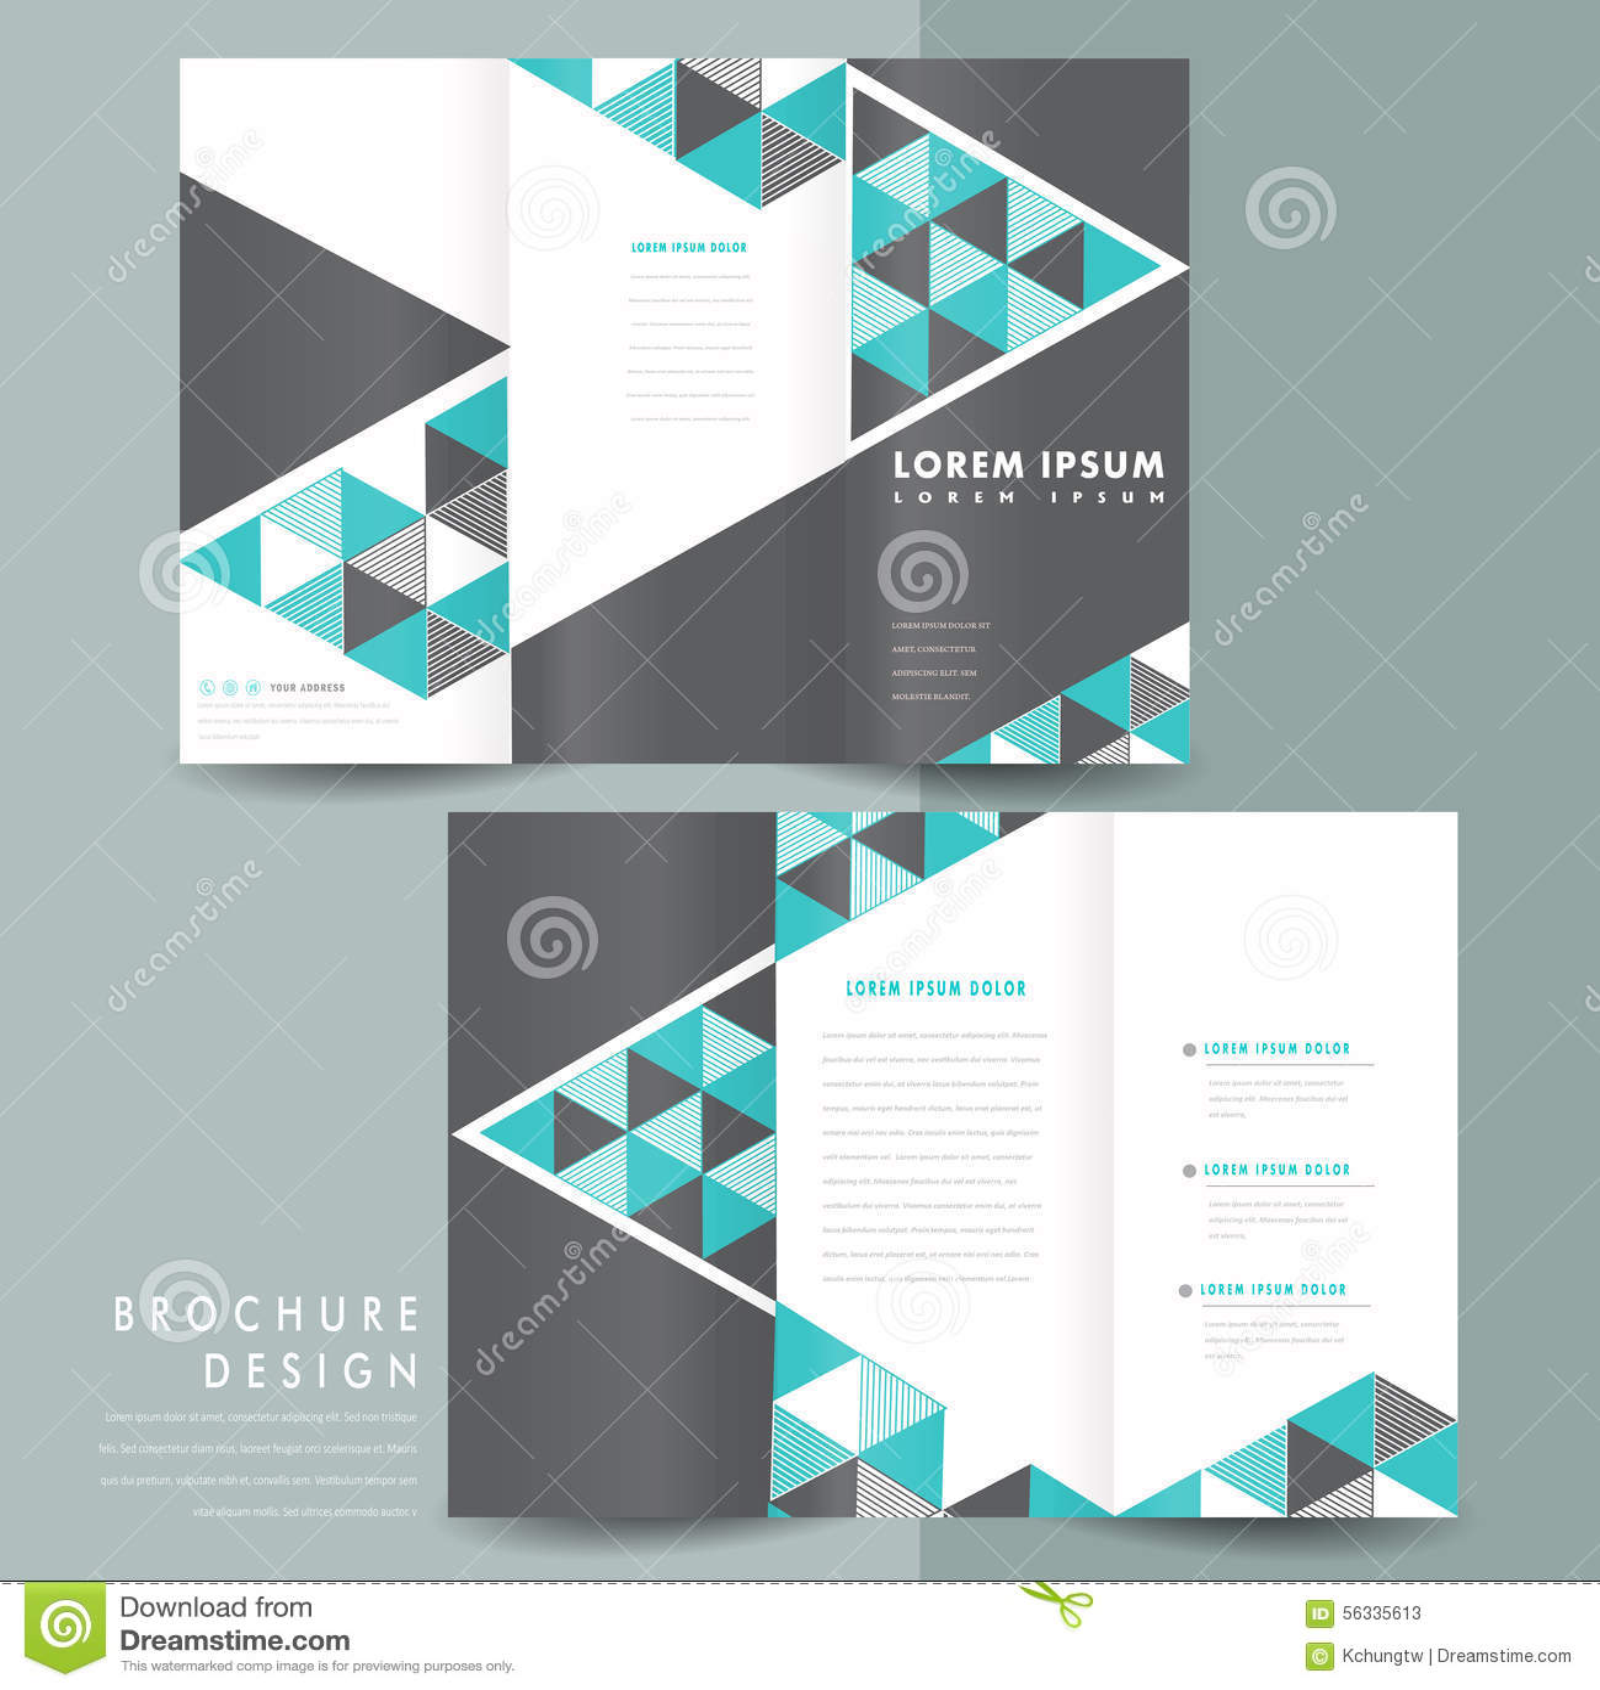 Tri Fold Brochure Template Design Ideal Vistalist Co